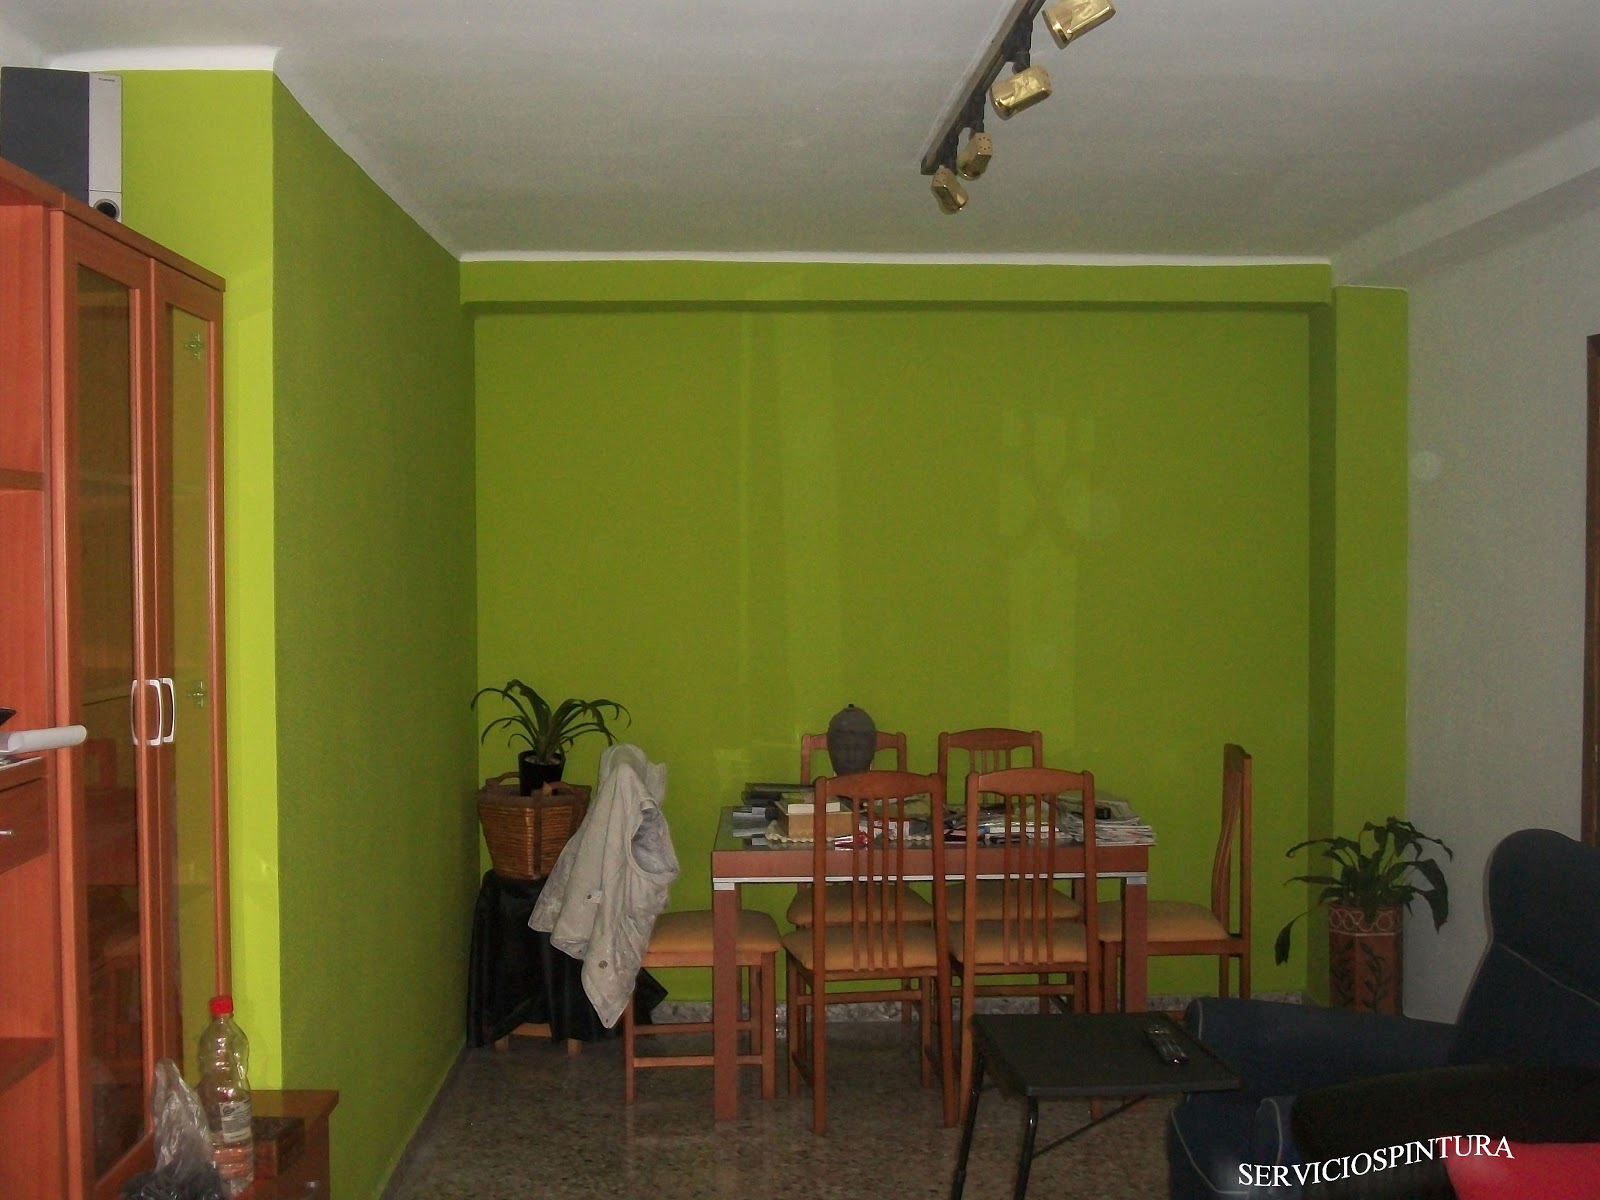 Servicios de pintura en zaragoza pintamos pisos - Color y pintura ...